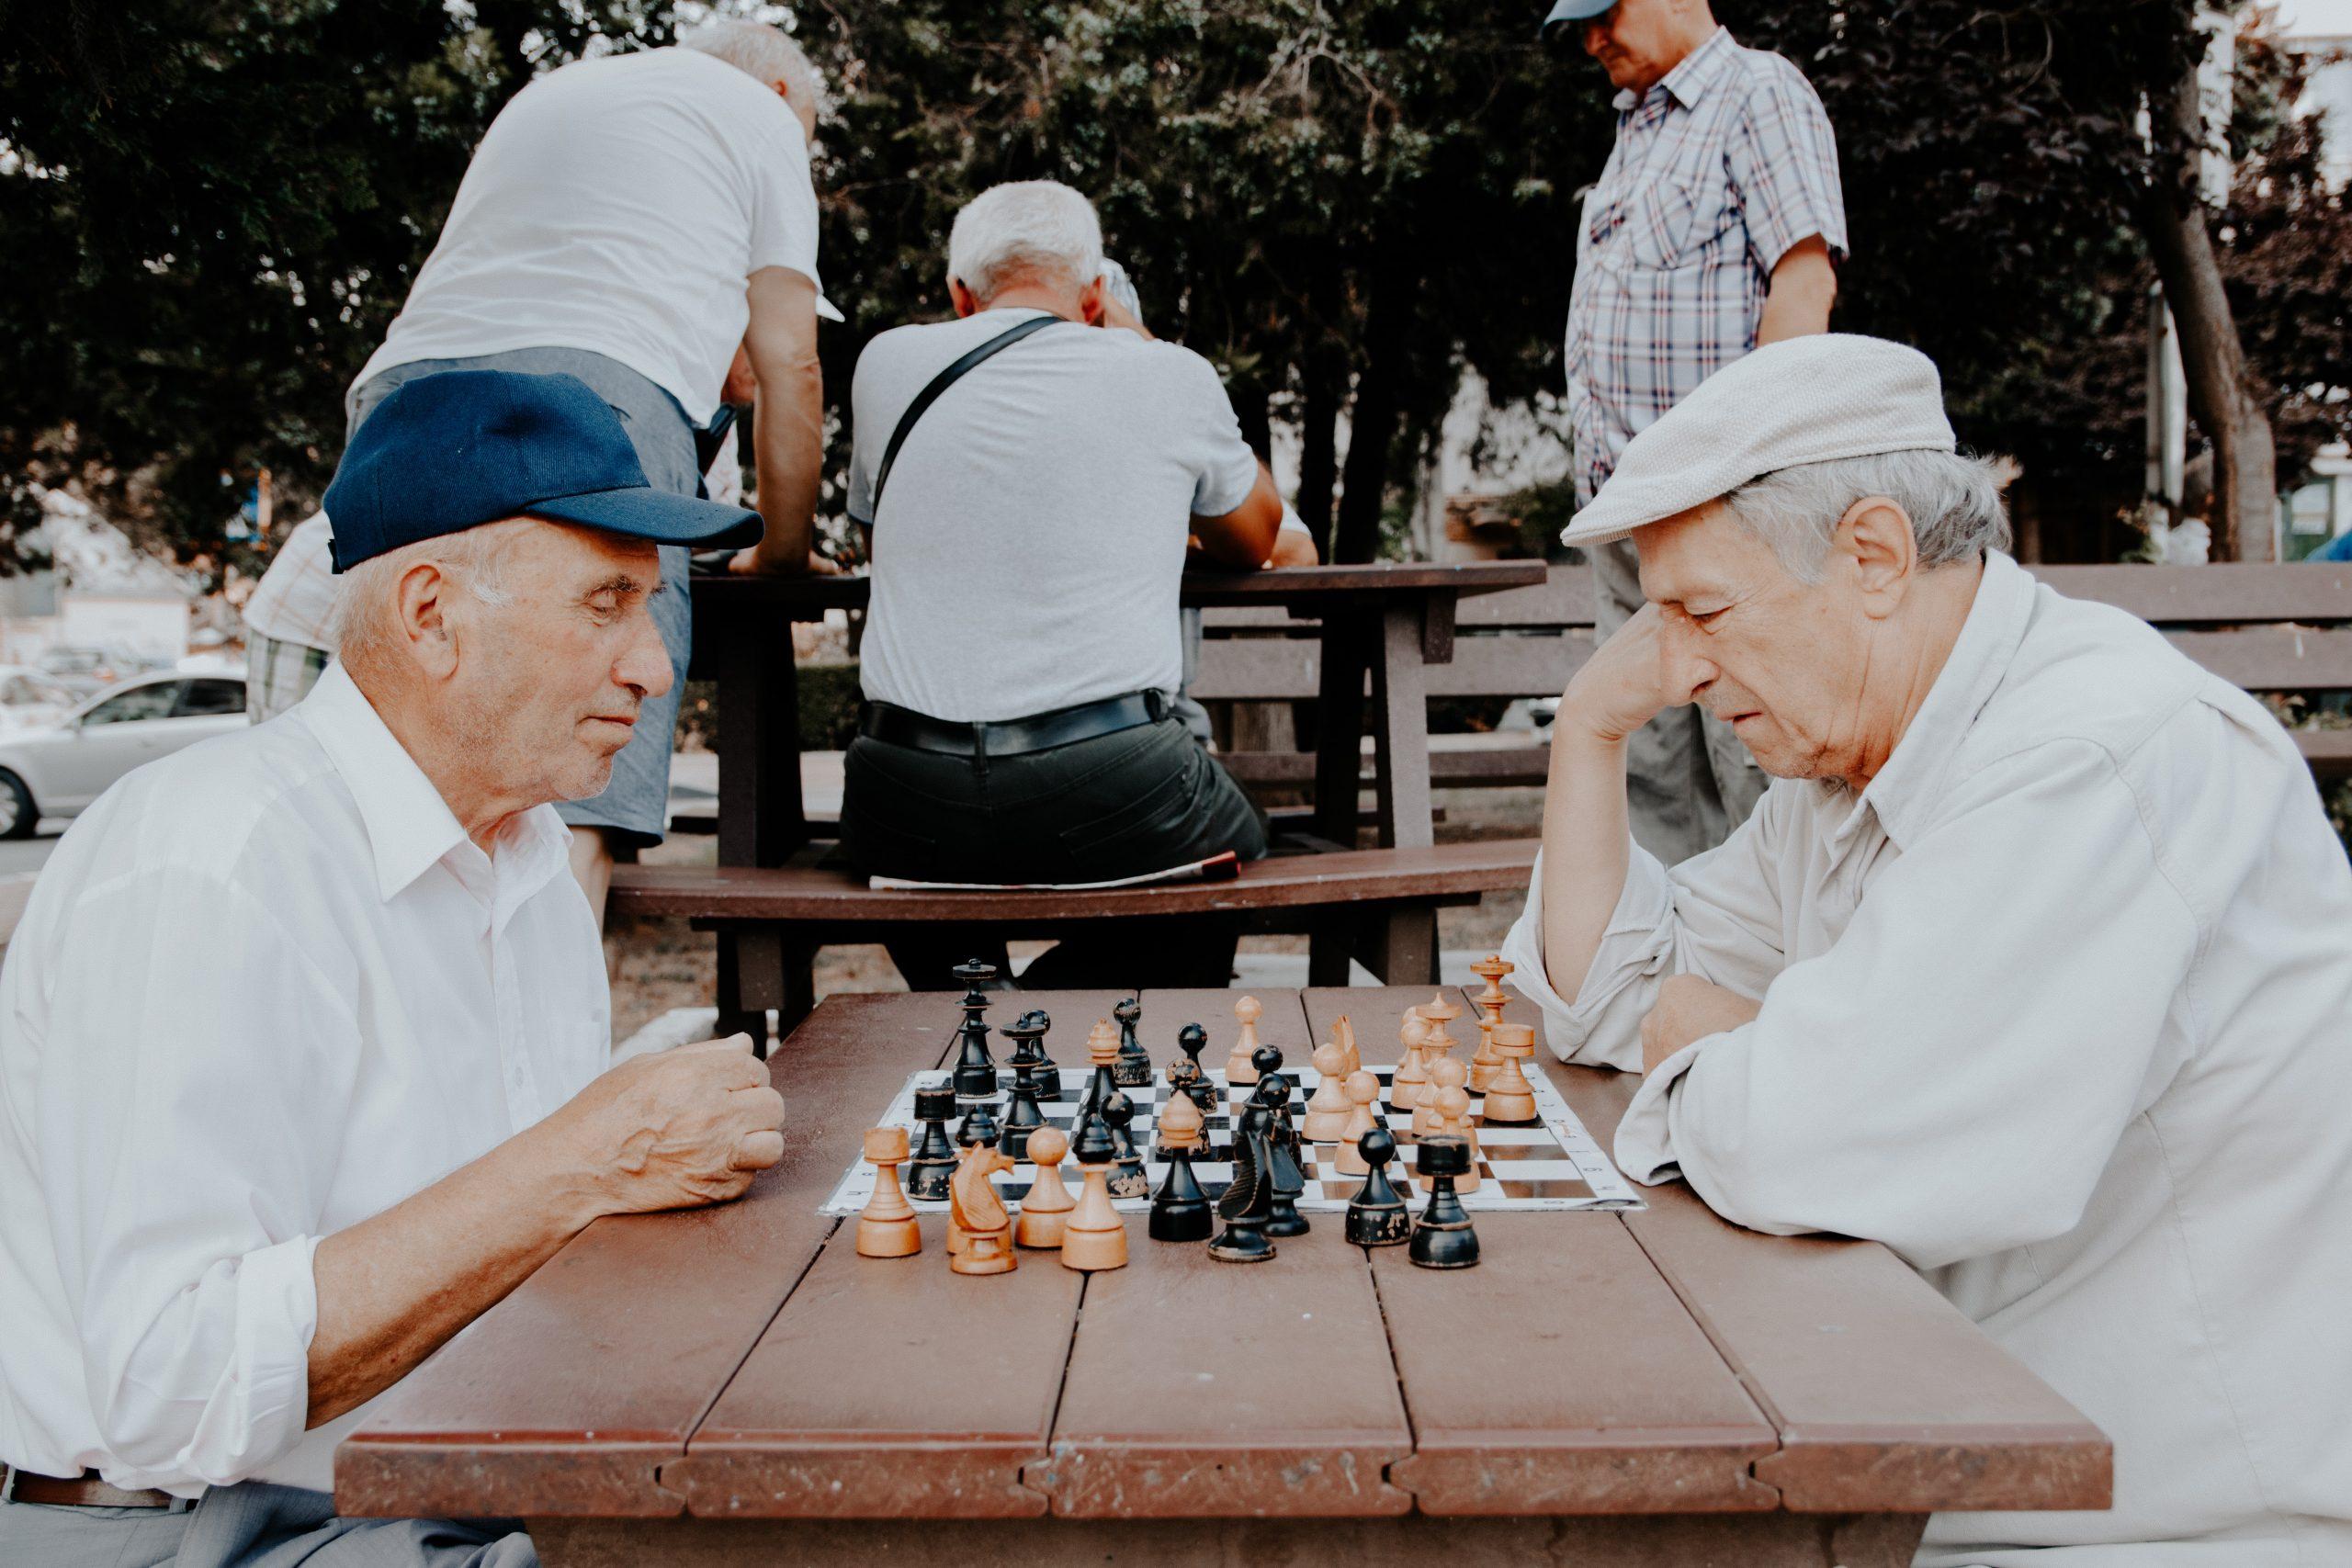 Bucureștiul are 4 pensionari la 10 salariați. Diferențe mari între pensii la nivel teritorial   Studiu INS